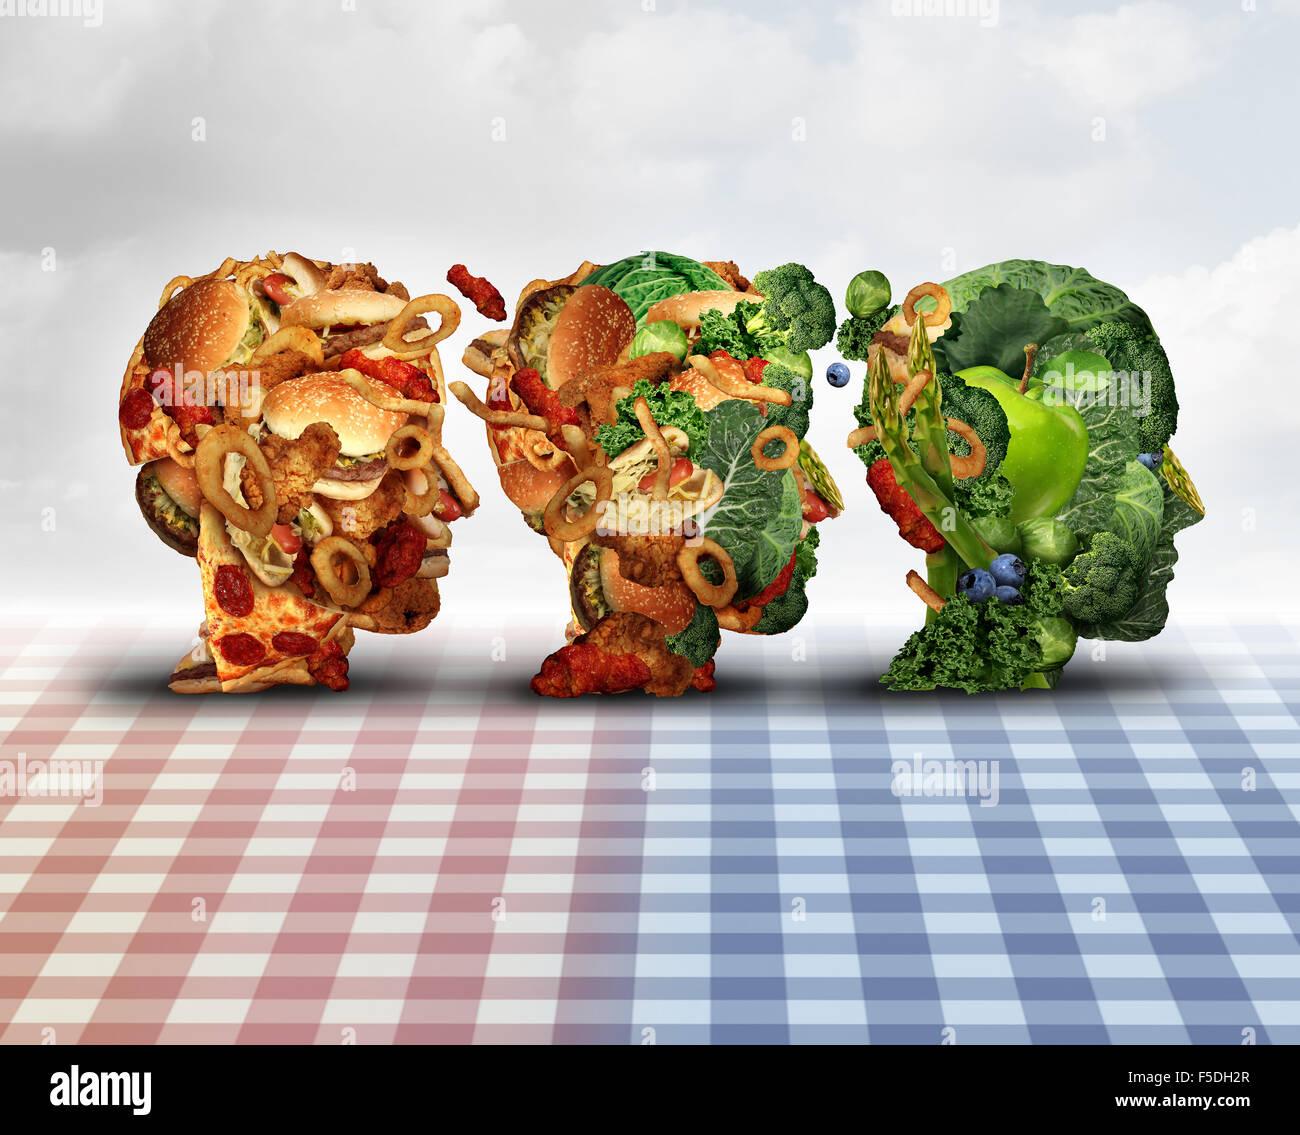 Cambiar la dieta saludable dieta logro concepto progreso cambio como símbolo de un estilo de vida saludable Imagen De Stock